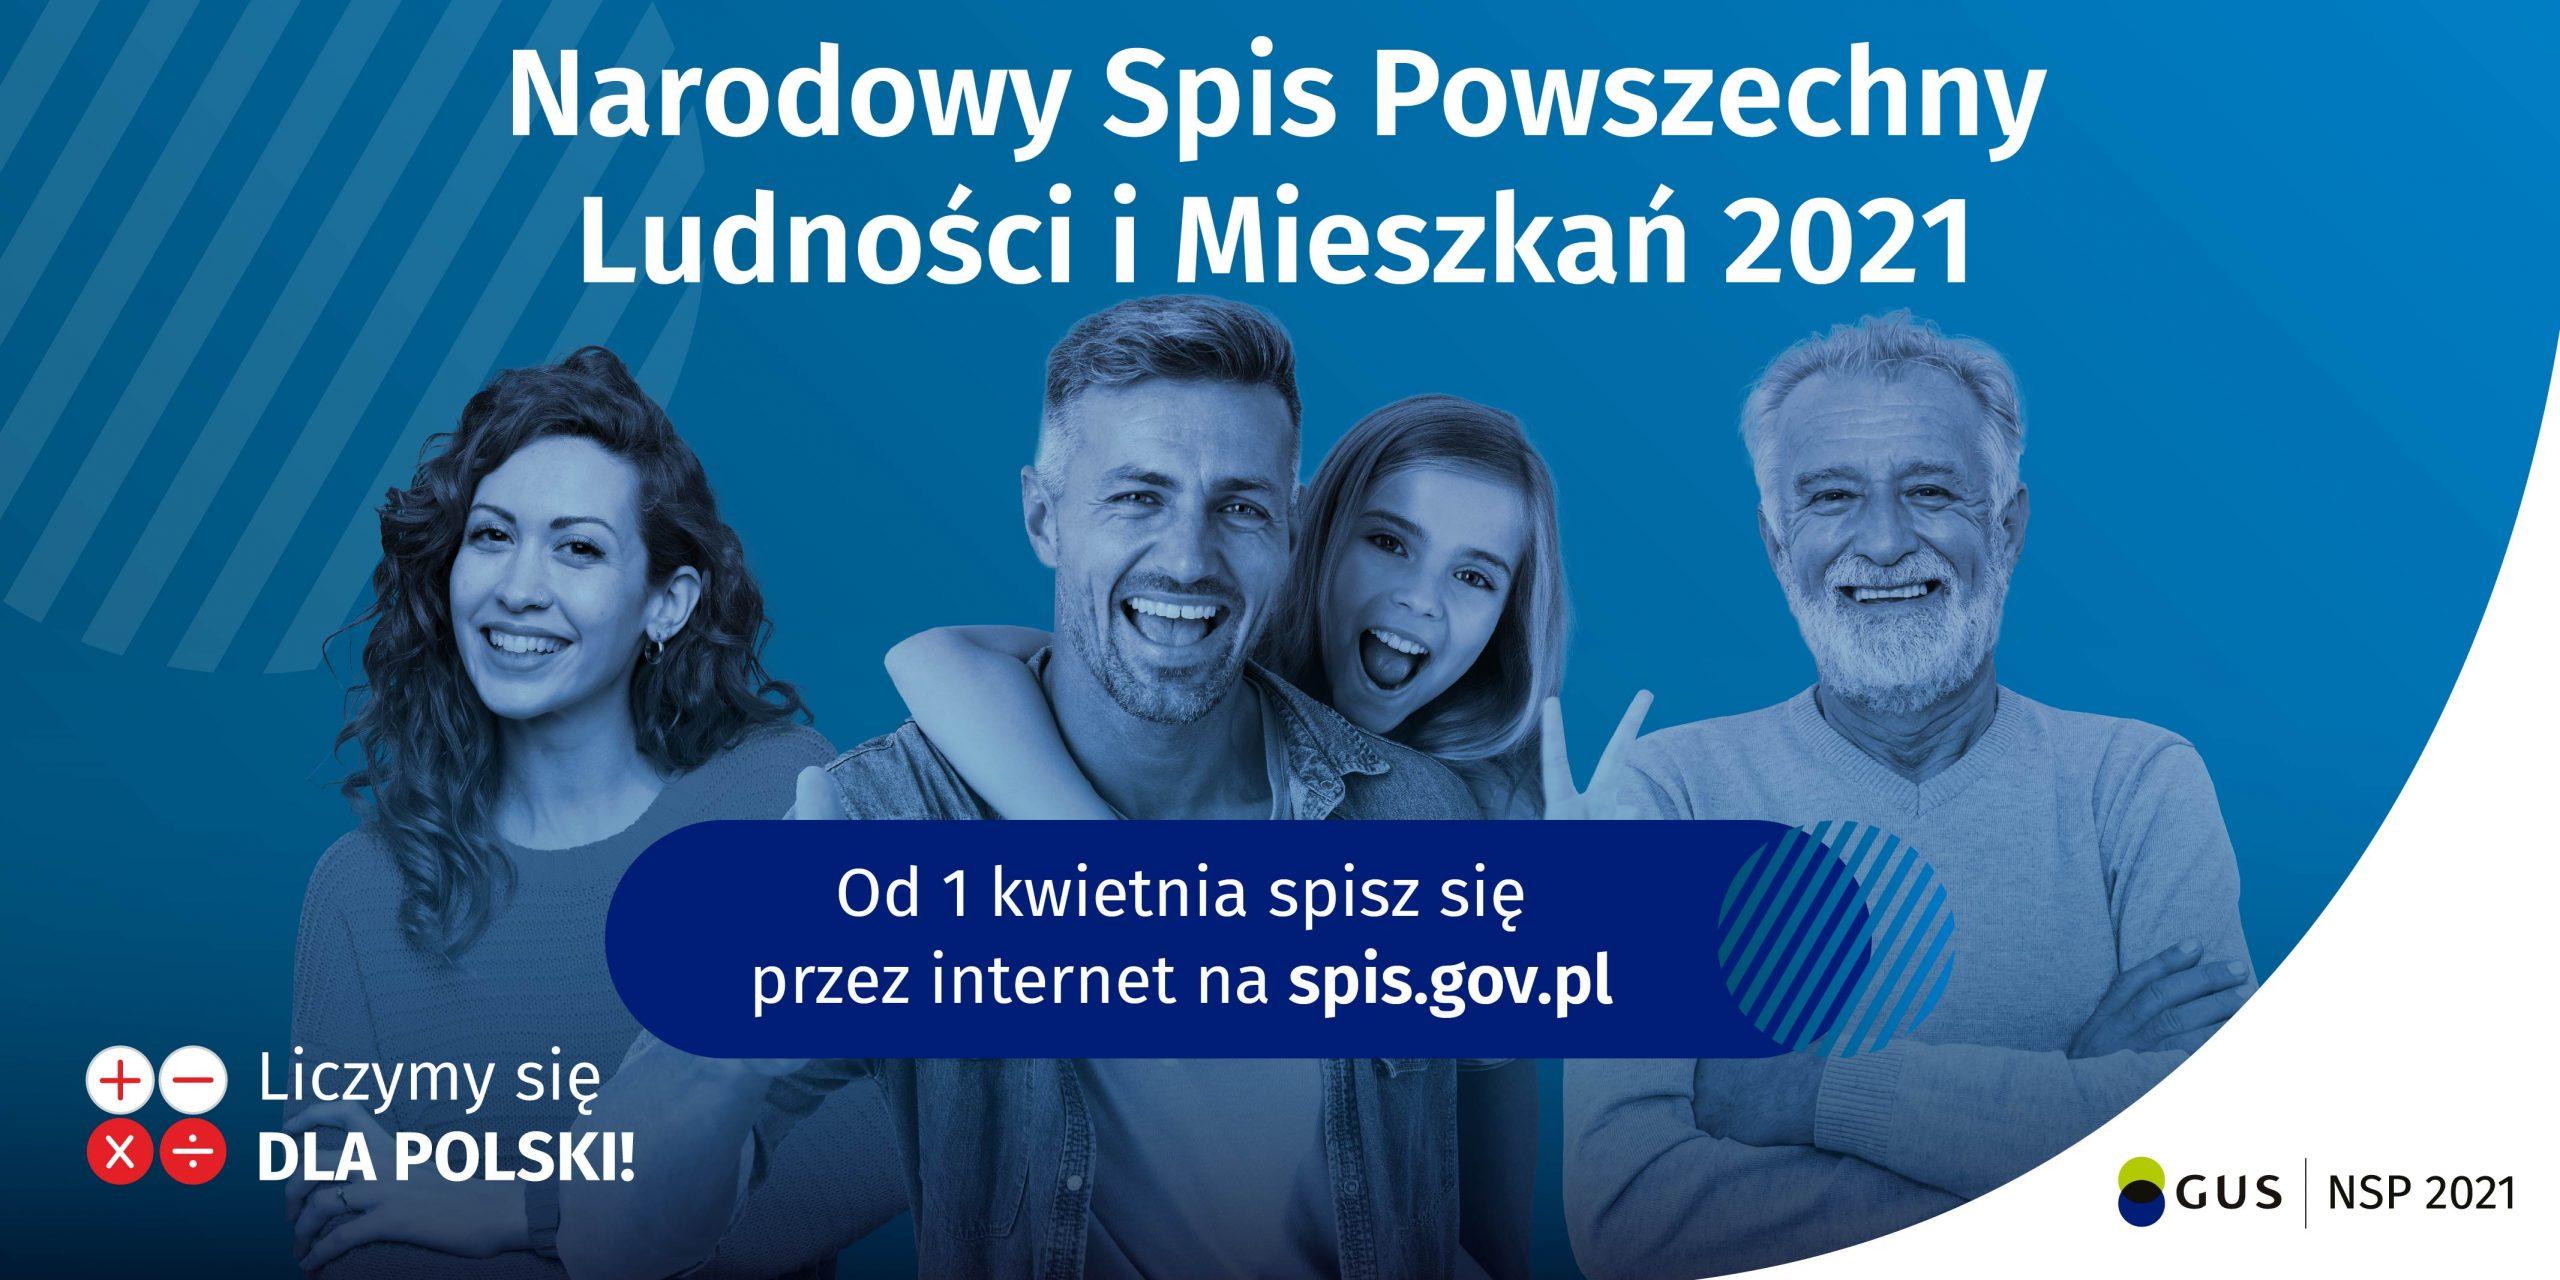 """Banner informacyjny o Narodowym Spisie Powszechnym, osoby na niebieskim tle, napis """"wejdź na spis.gov.pl i spisz się! Spis trwa od 1 kwietnia 2021 r."""""""